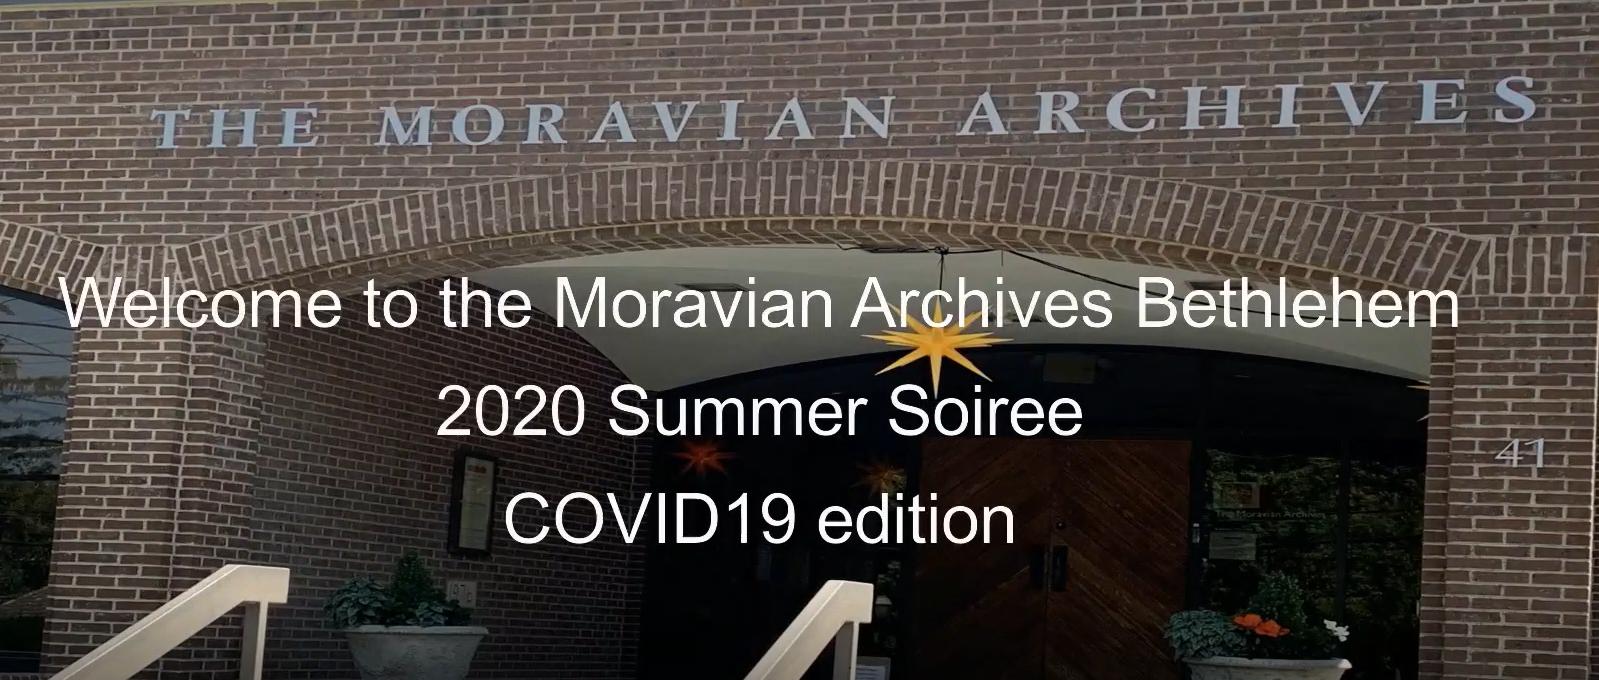 Summer Soirée 2020 COVID edition